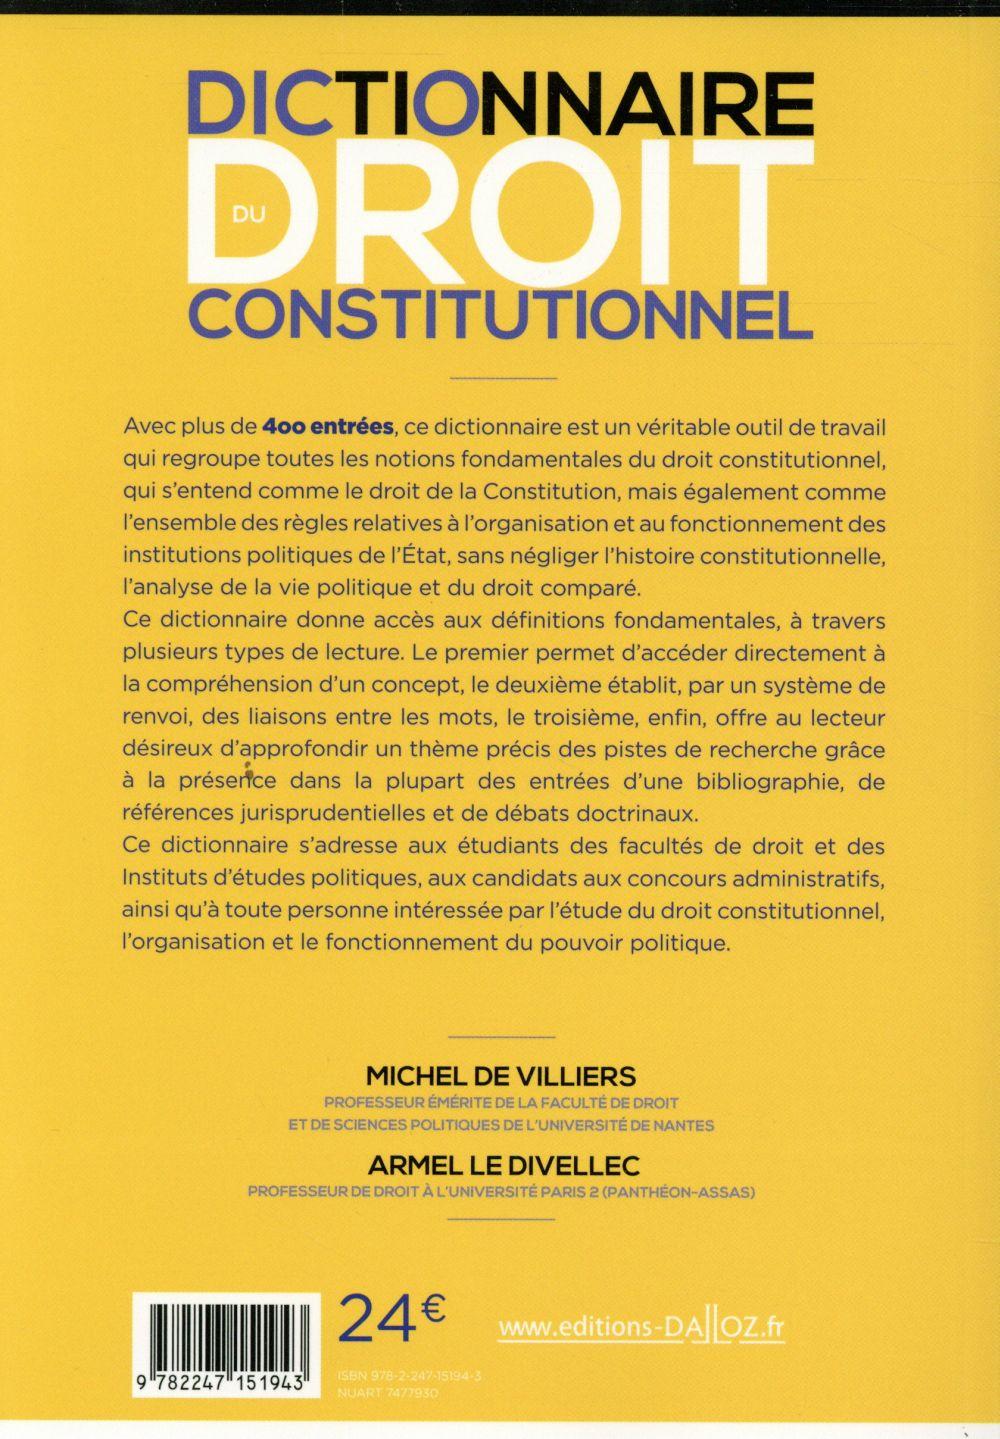 Dictionnaire du droit constitutionnel (10e édition)